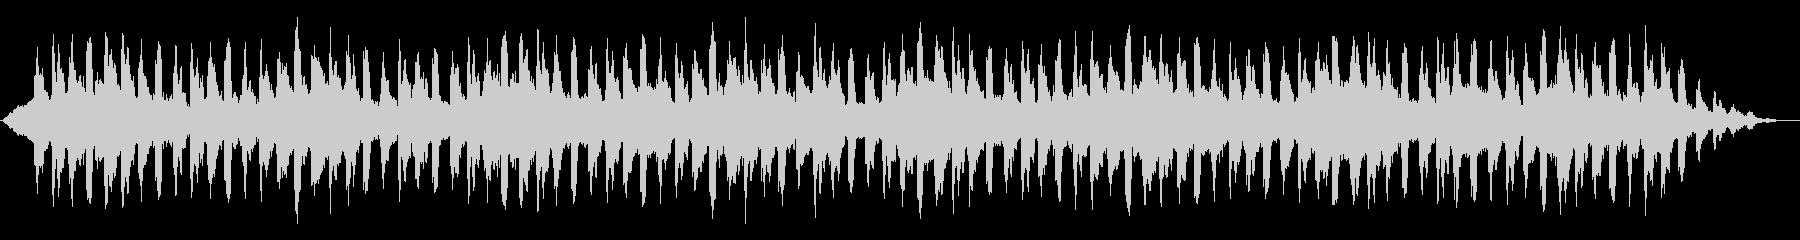 神秘的 穏やか リラクゼーション4の未再生の波形